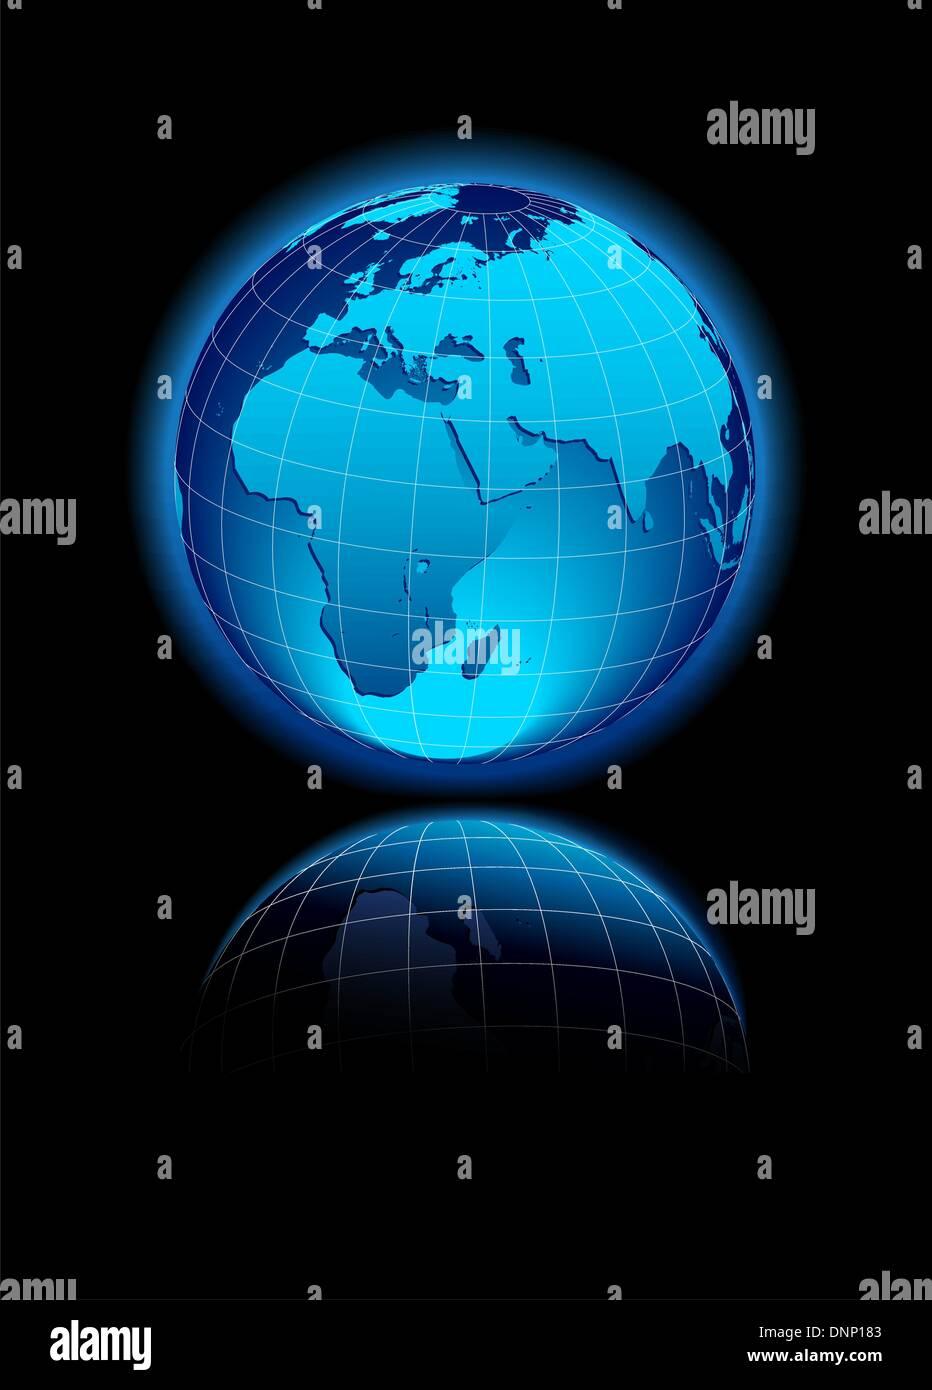 Mapa de vectores icono del mundo en forma de globo - Africa, Oriente Medio Imagen De Stock